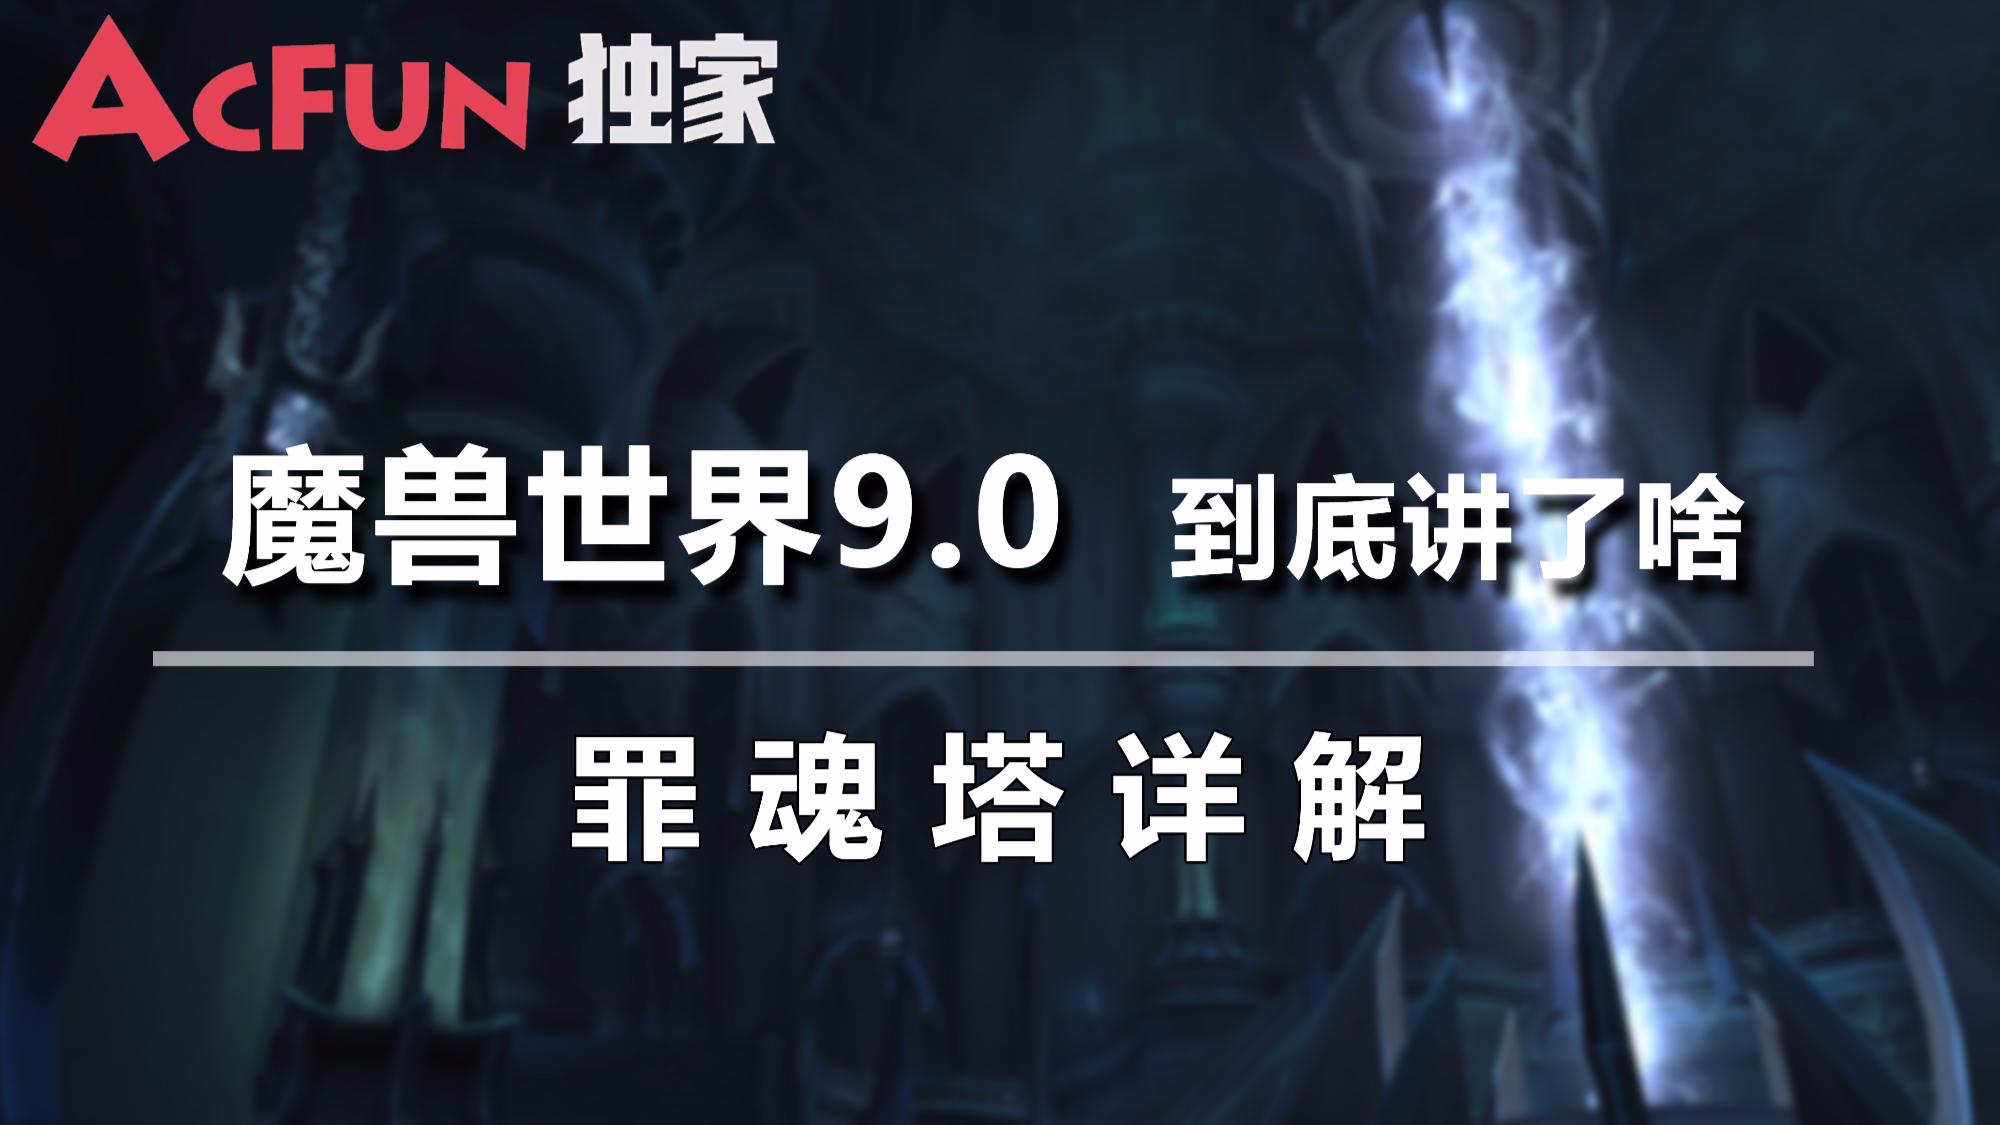 【猴山独家】魔兽世界9.0罪魂塔详解